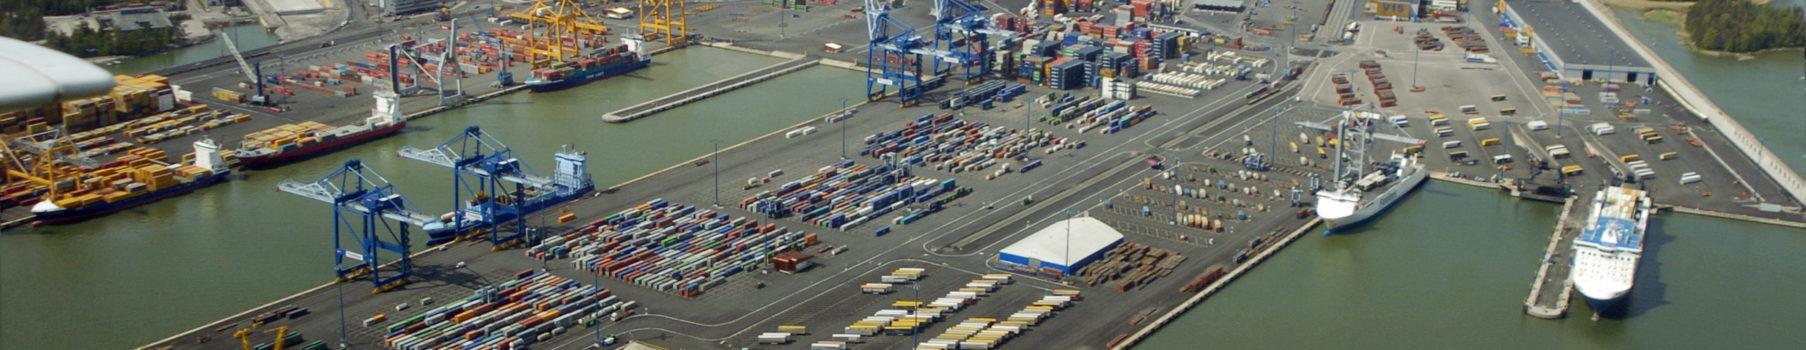 Elinkaarilaskennassa otetaan huomioon myös kuljetuskulut. Kuvassa Vuosaaren satama. Kuva: Riku Lumiaro.